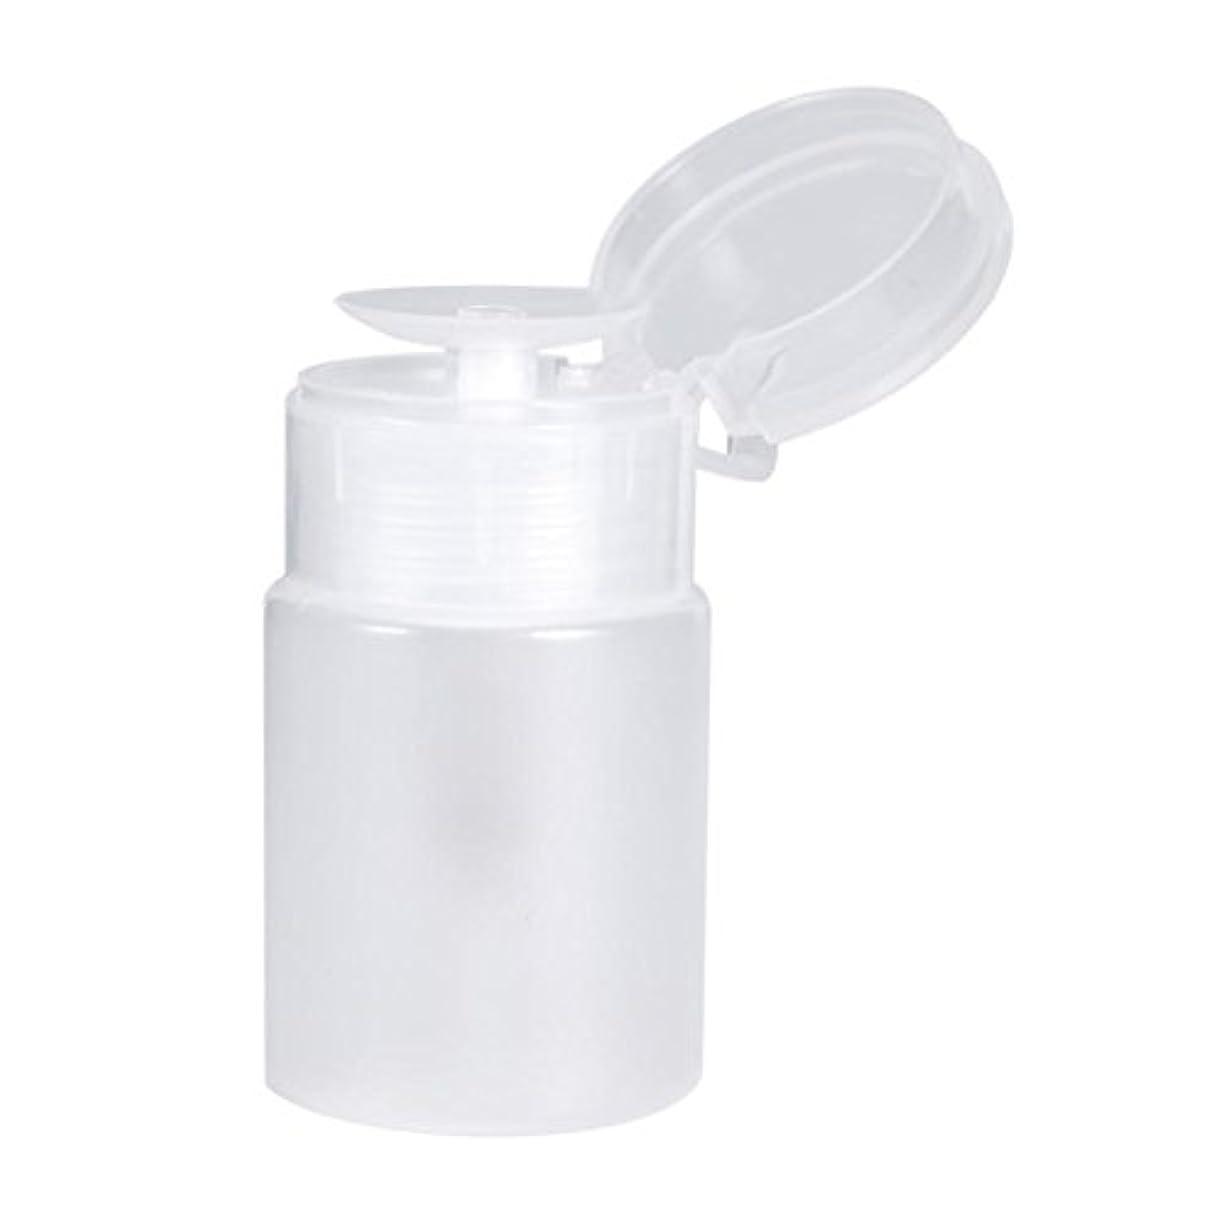 カスケード祭り矢印ネイルディスペンサーボトル、プッシュダウンディスペンサーネイルポリッシュリムーバーポンプ空のボトルディスペンサー液体ボトル容器60ミリリットル(白)